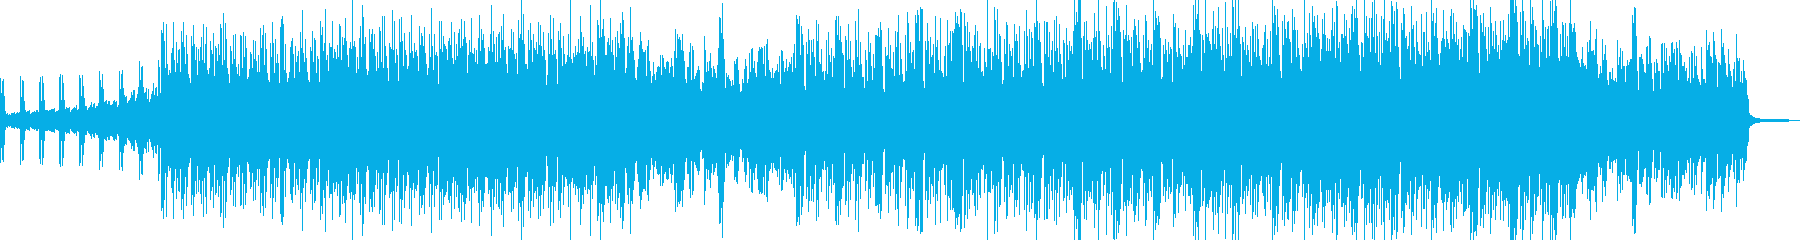 浮遊感漂うミステリアスなエレクトロの再生済みの波形